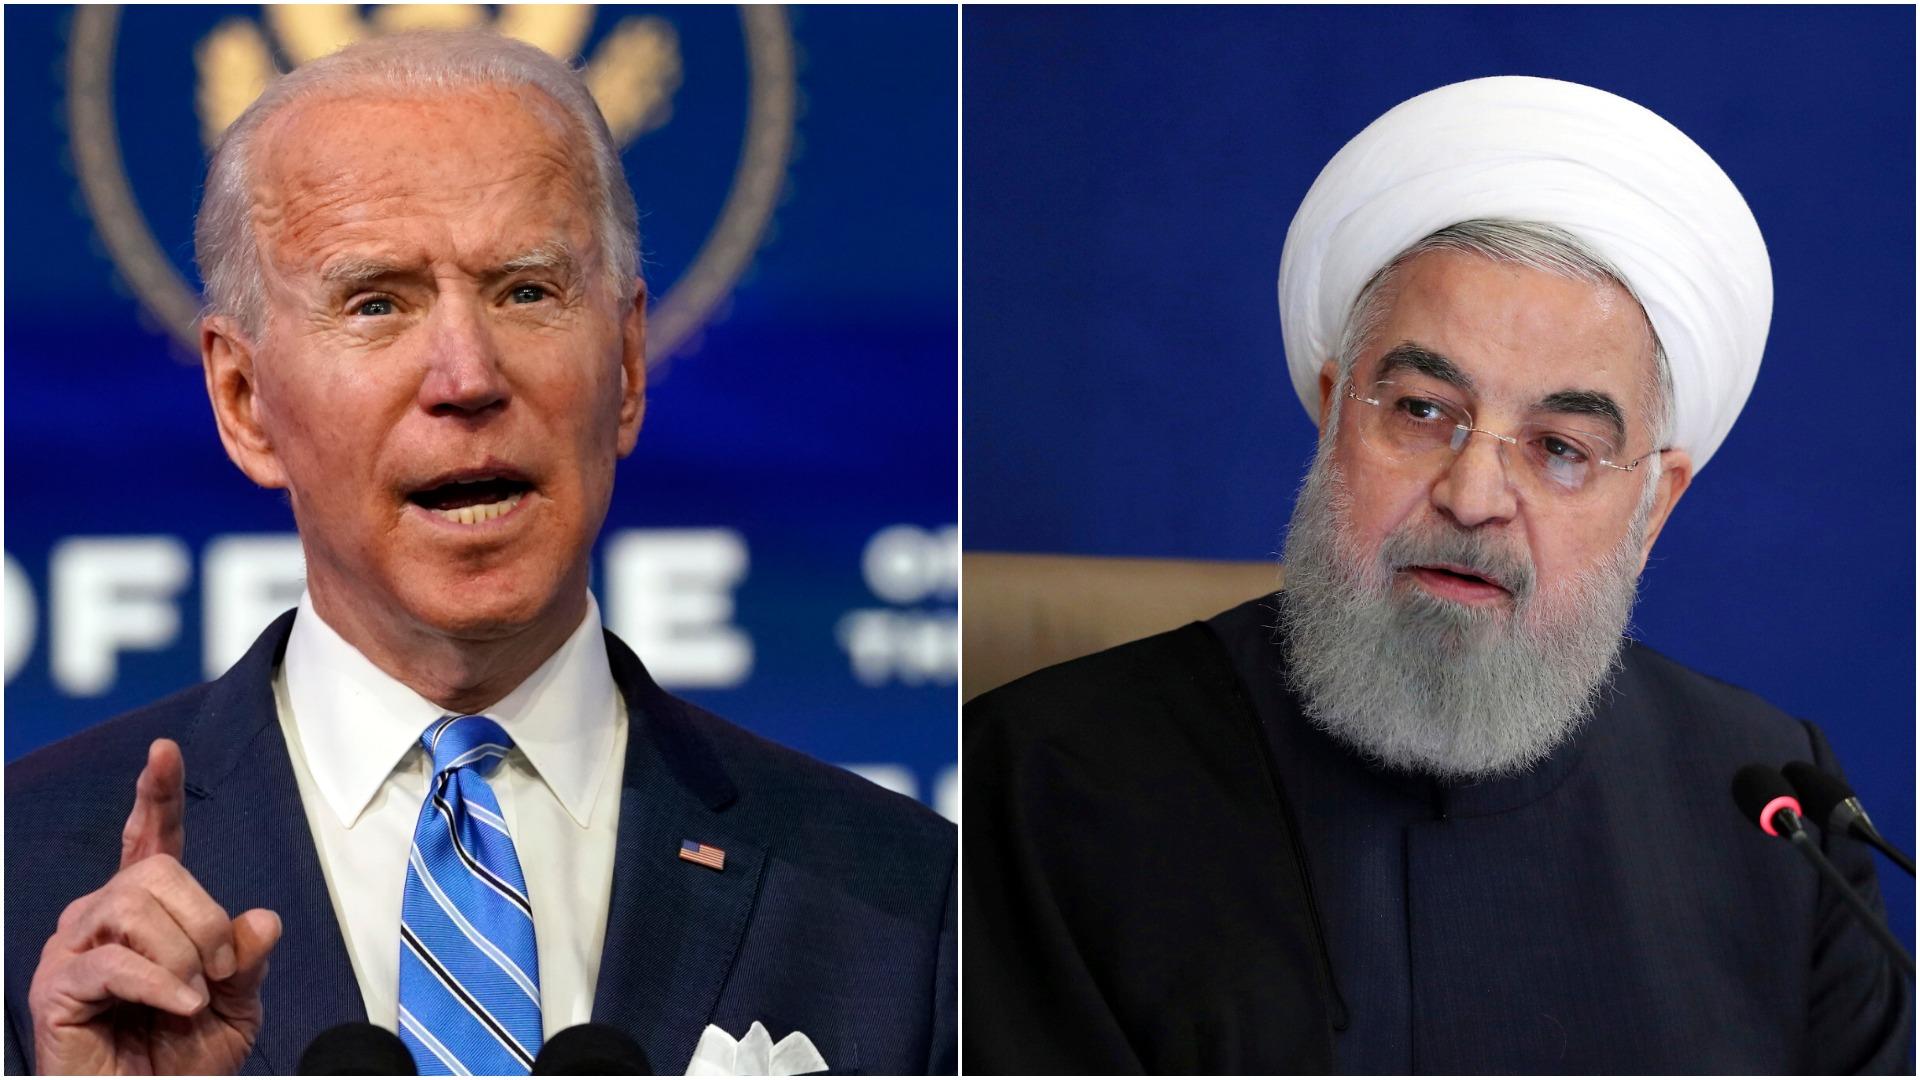 Maintien par Biden de la reconnaissance US de la marocanité du Sahara: Raisons politiques et géostratégiques